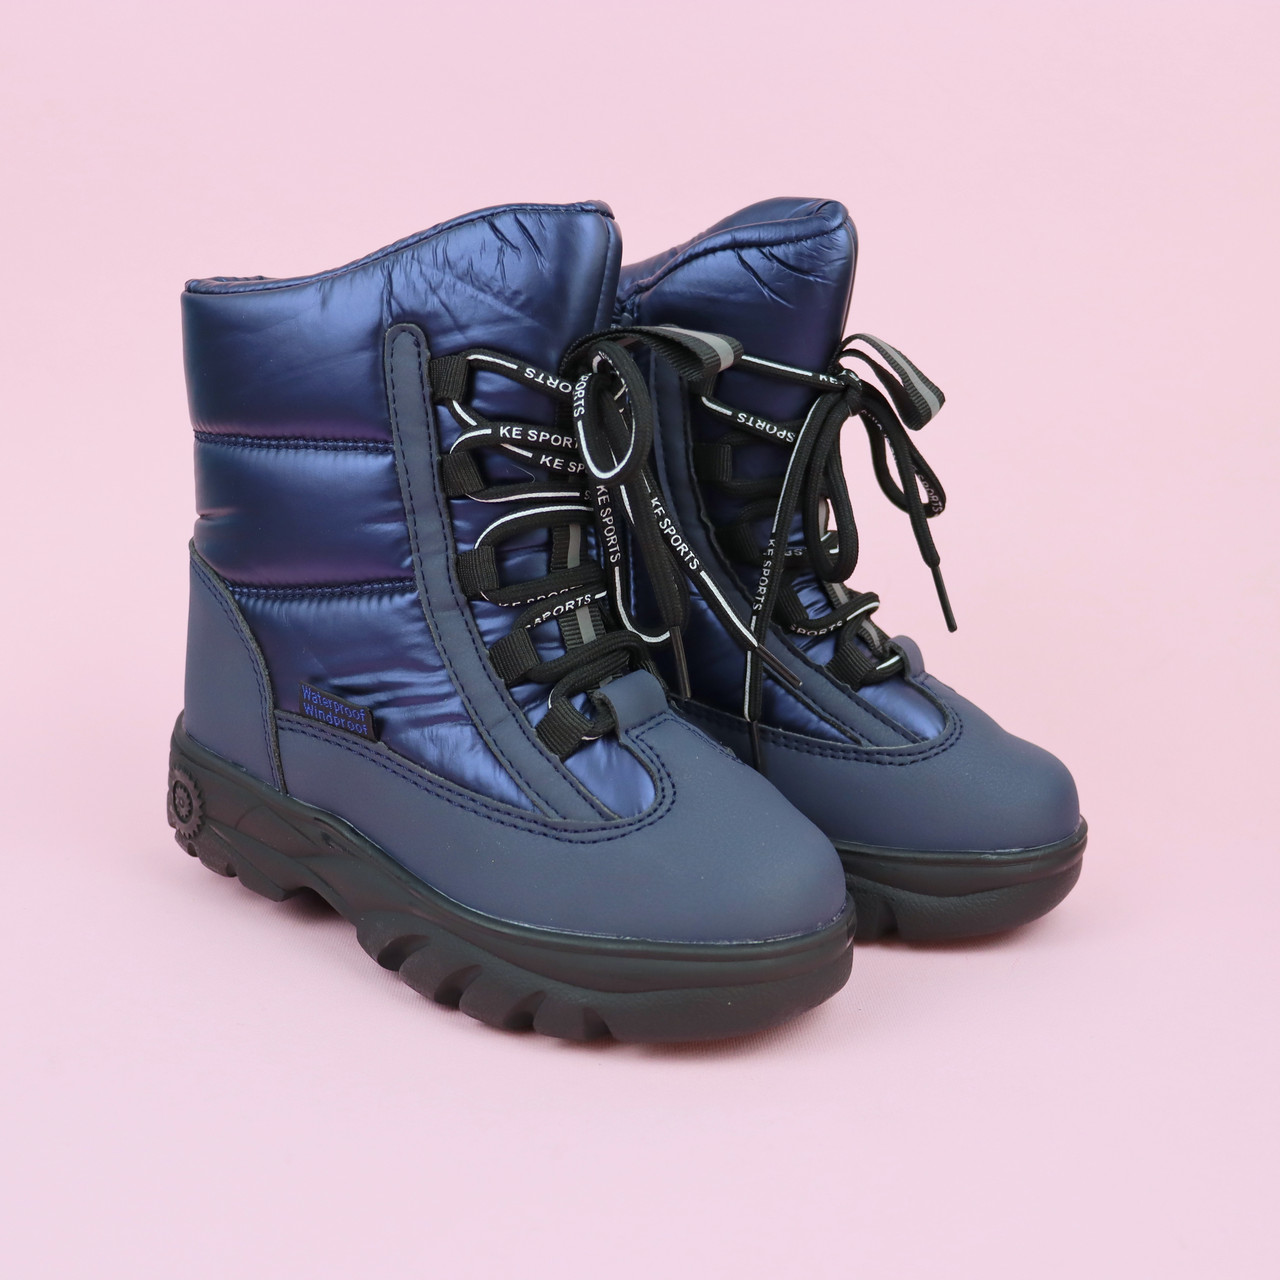 Зимові термо чобітки на дівчинку Сині тм Тому.м розмір 27,28,29,30